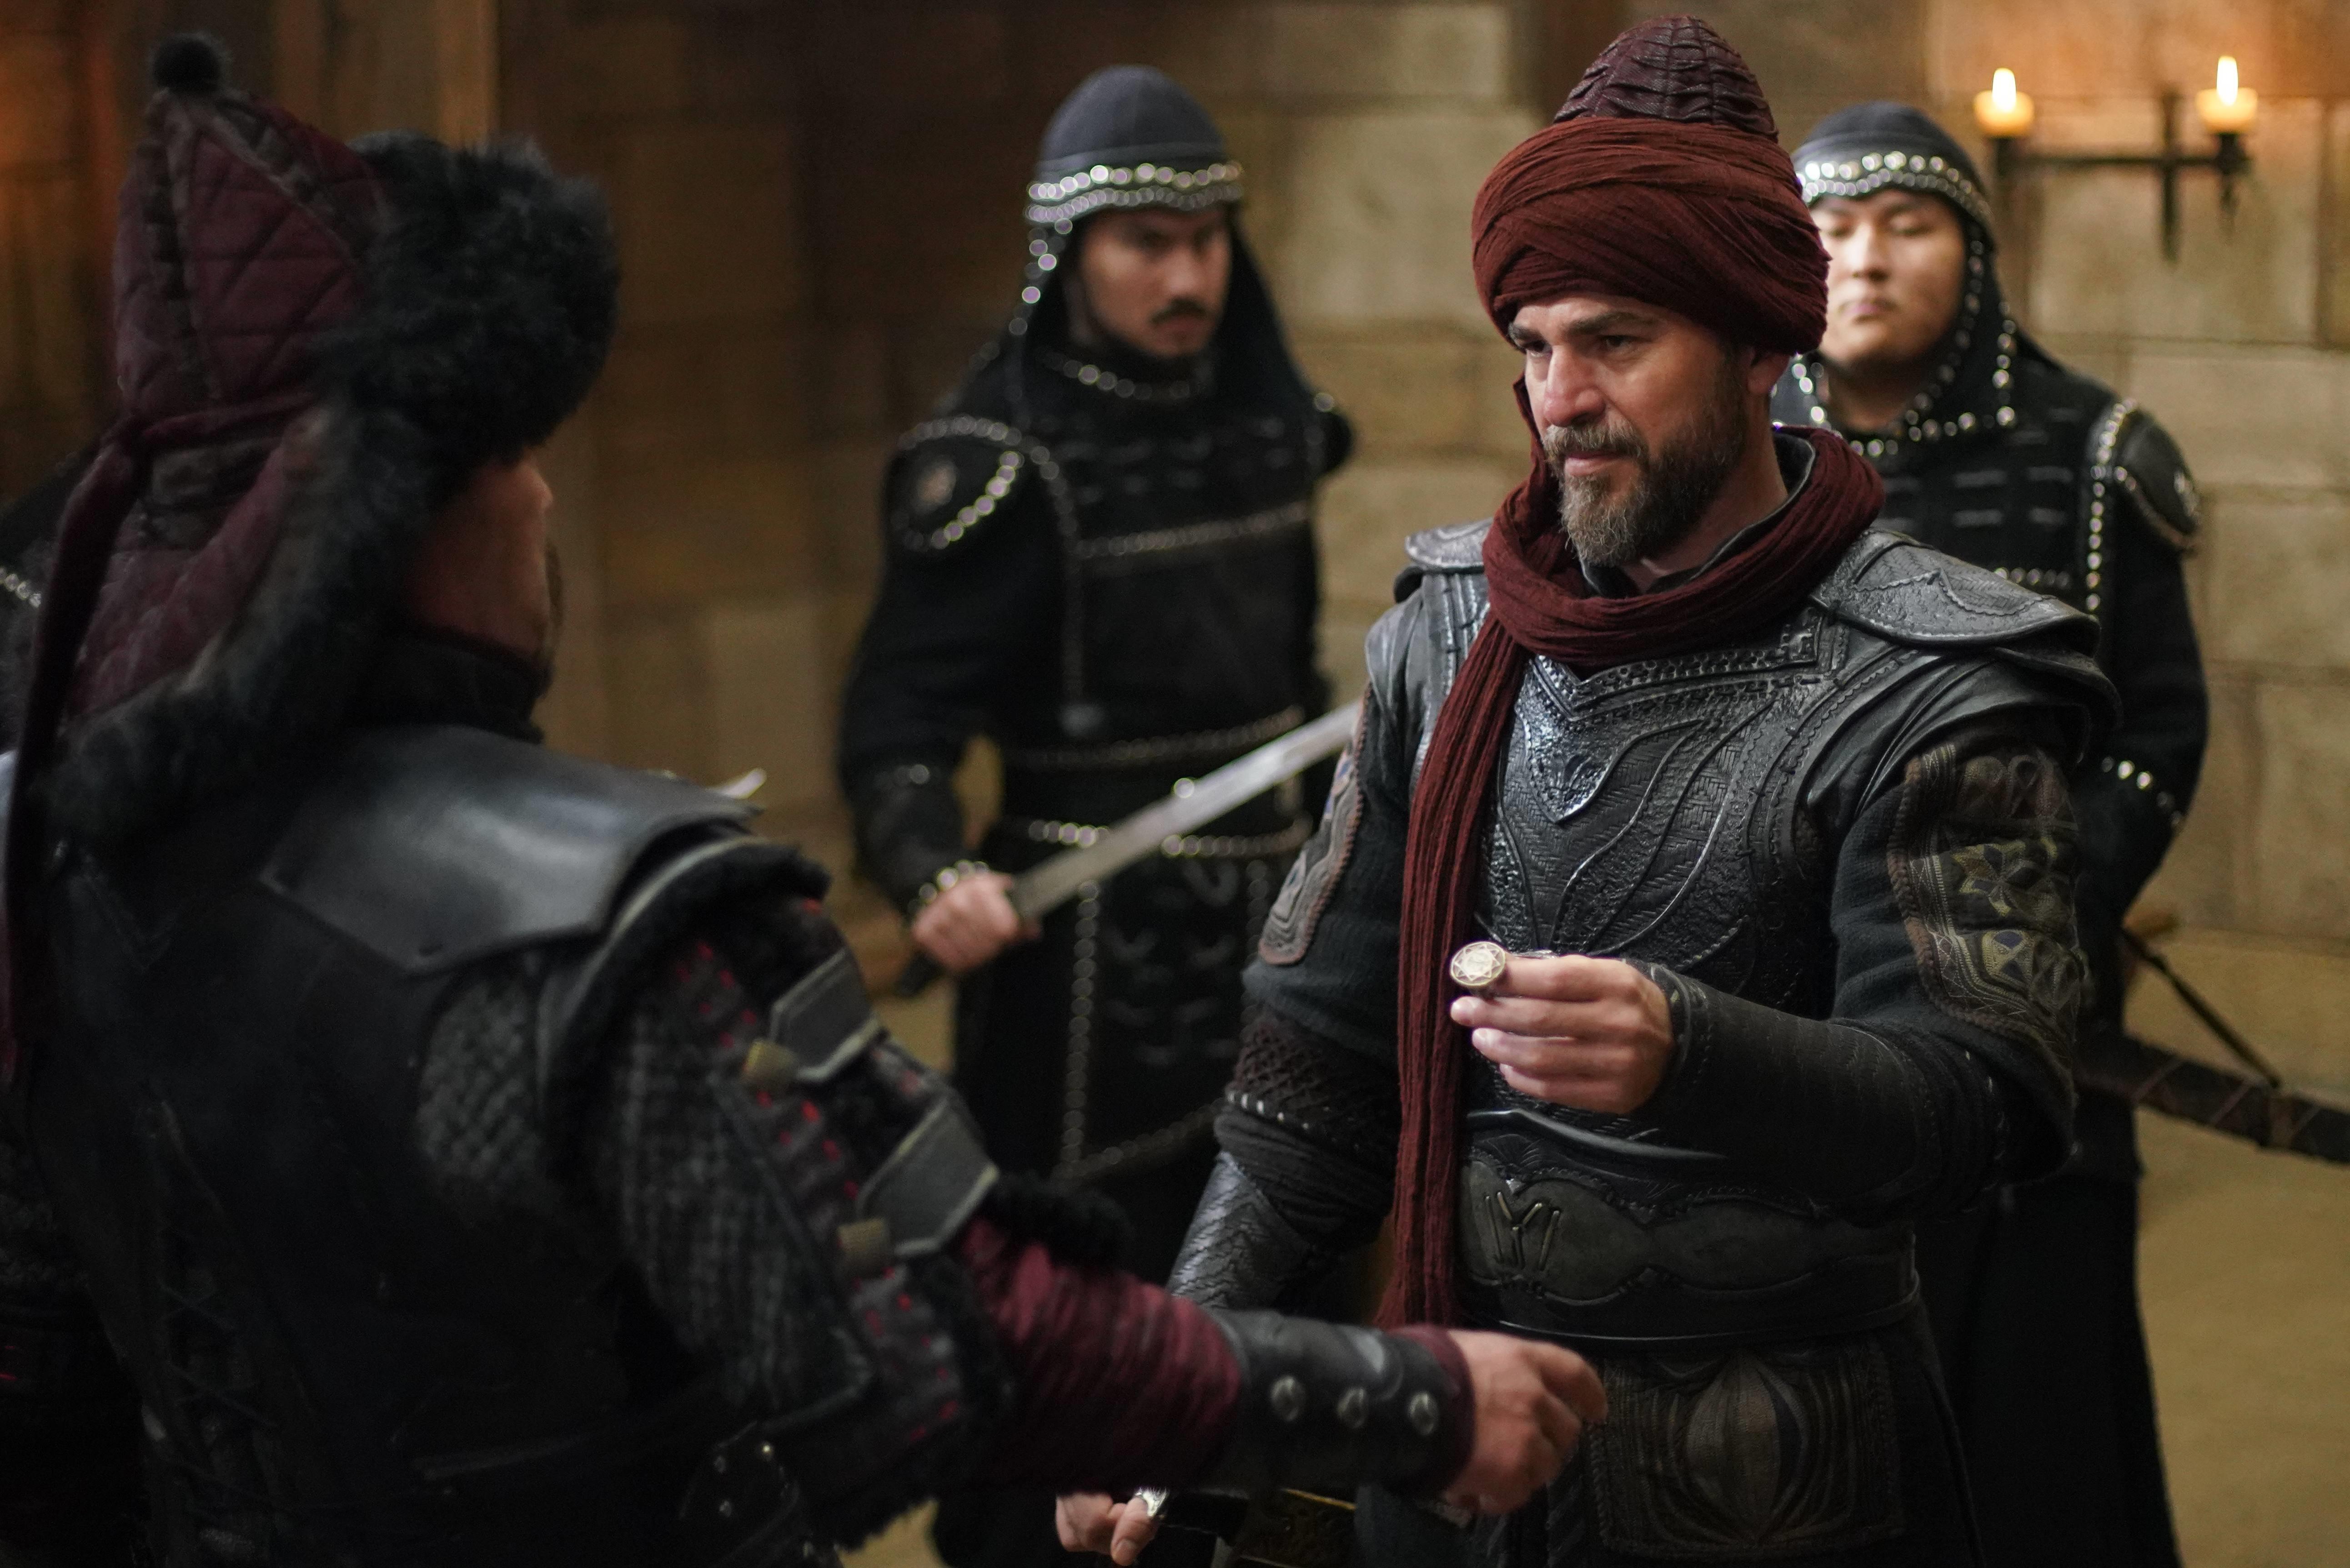 صور رسمية من الحلقة القادمة 138 من الموسم الخامس من قيامة أرطغرل بجودة عالية جداً